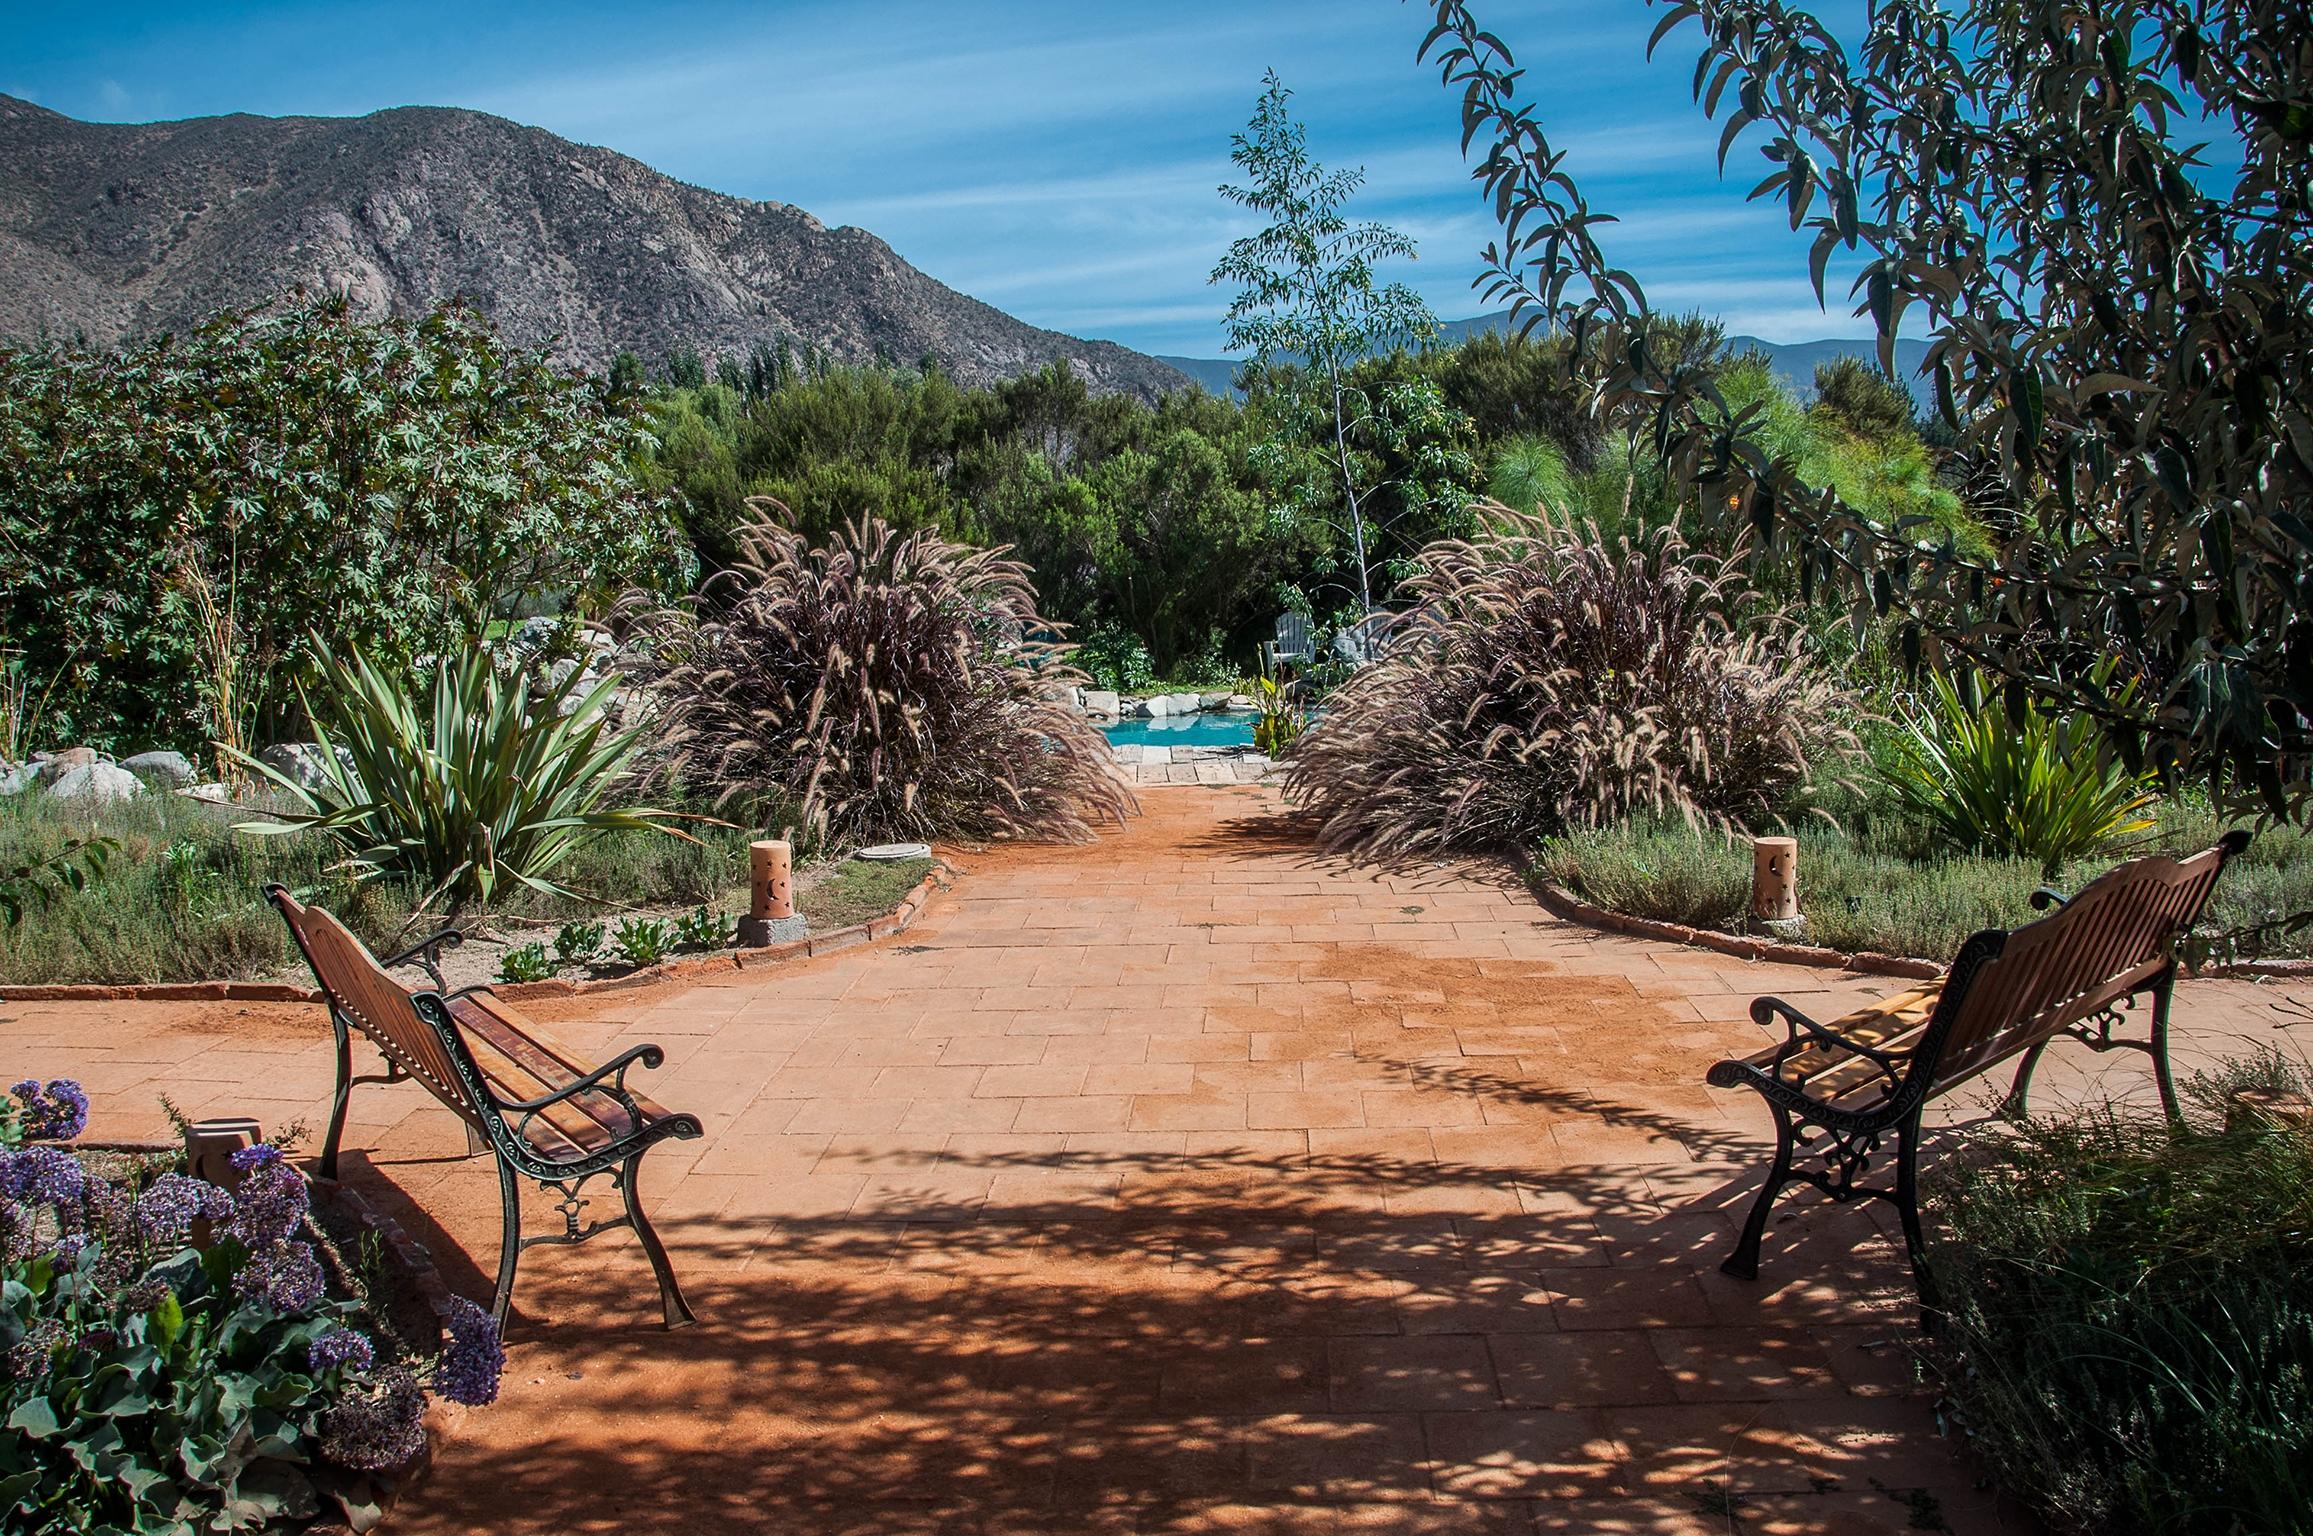 Baño Turco La Serena:Refugio El Molle – El Molle – Valle de Elqui – Chile